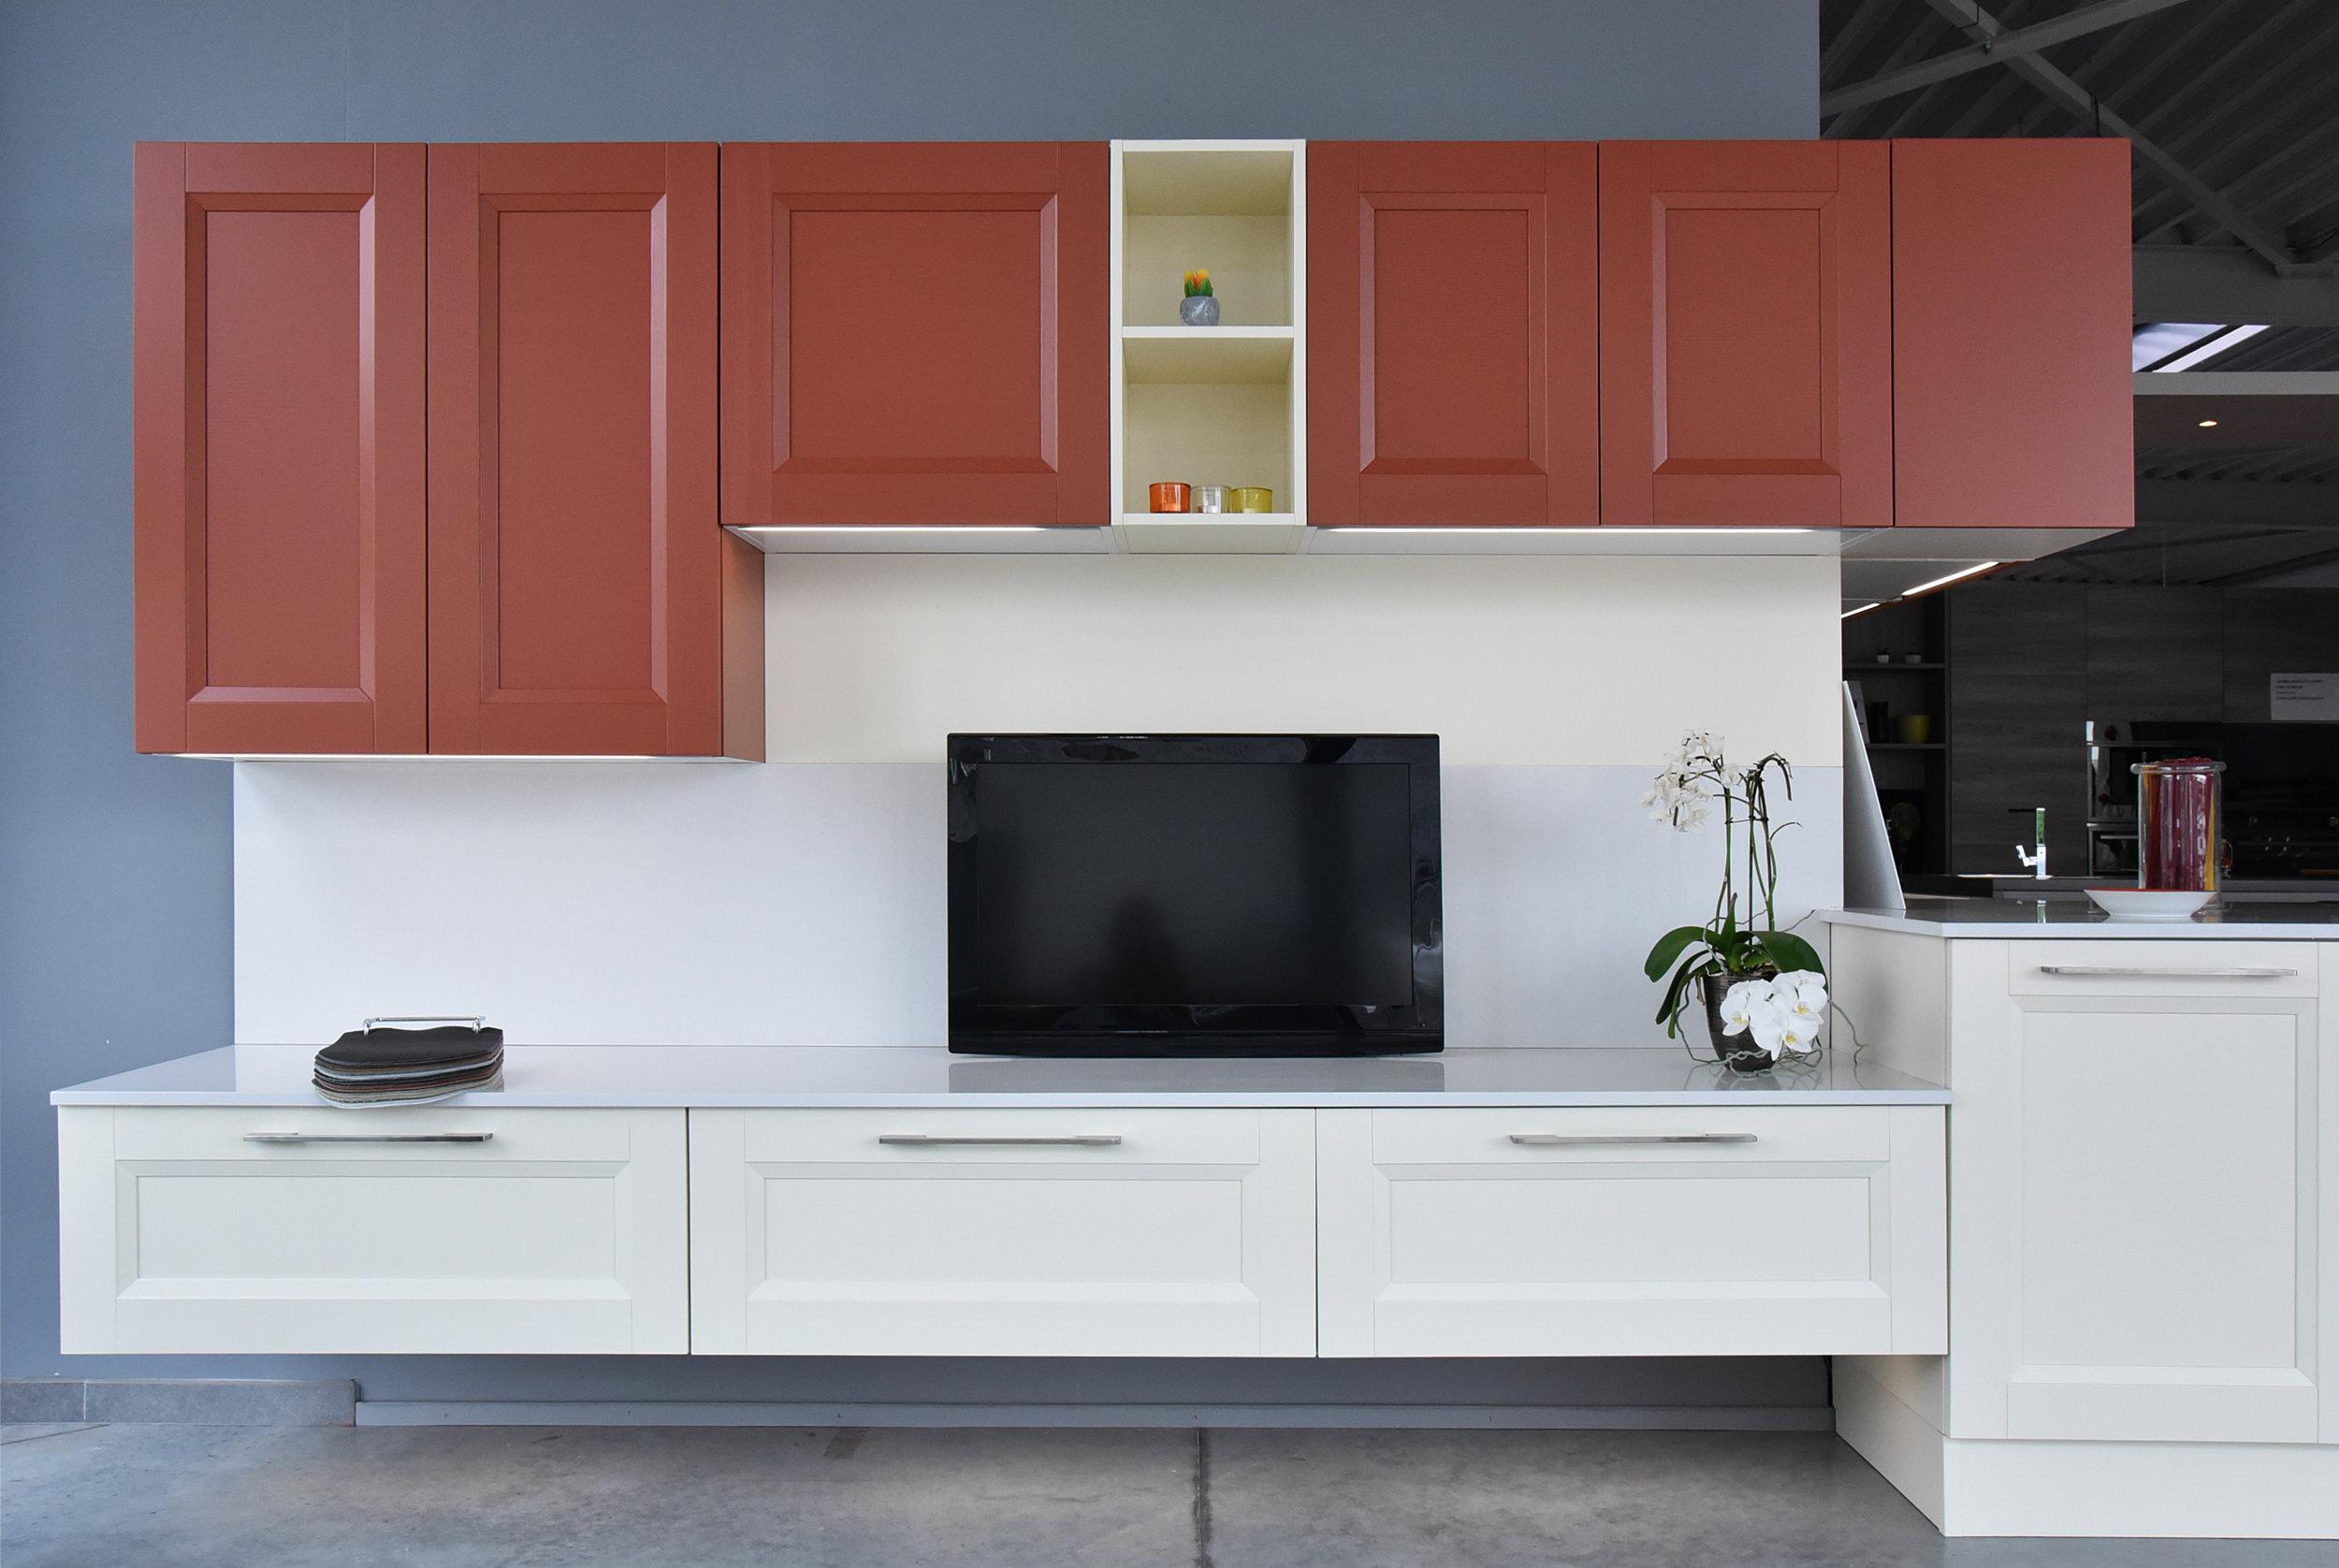 cucina 02 - 01.jpg